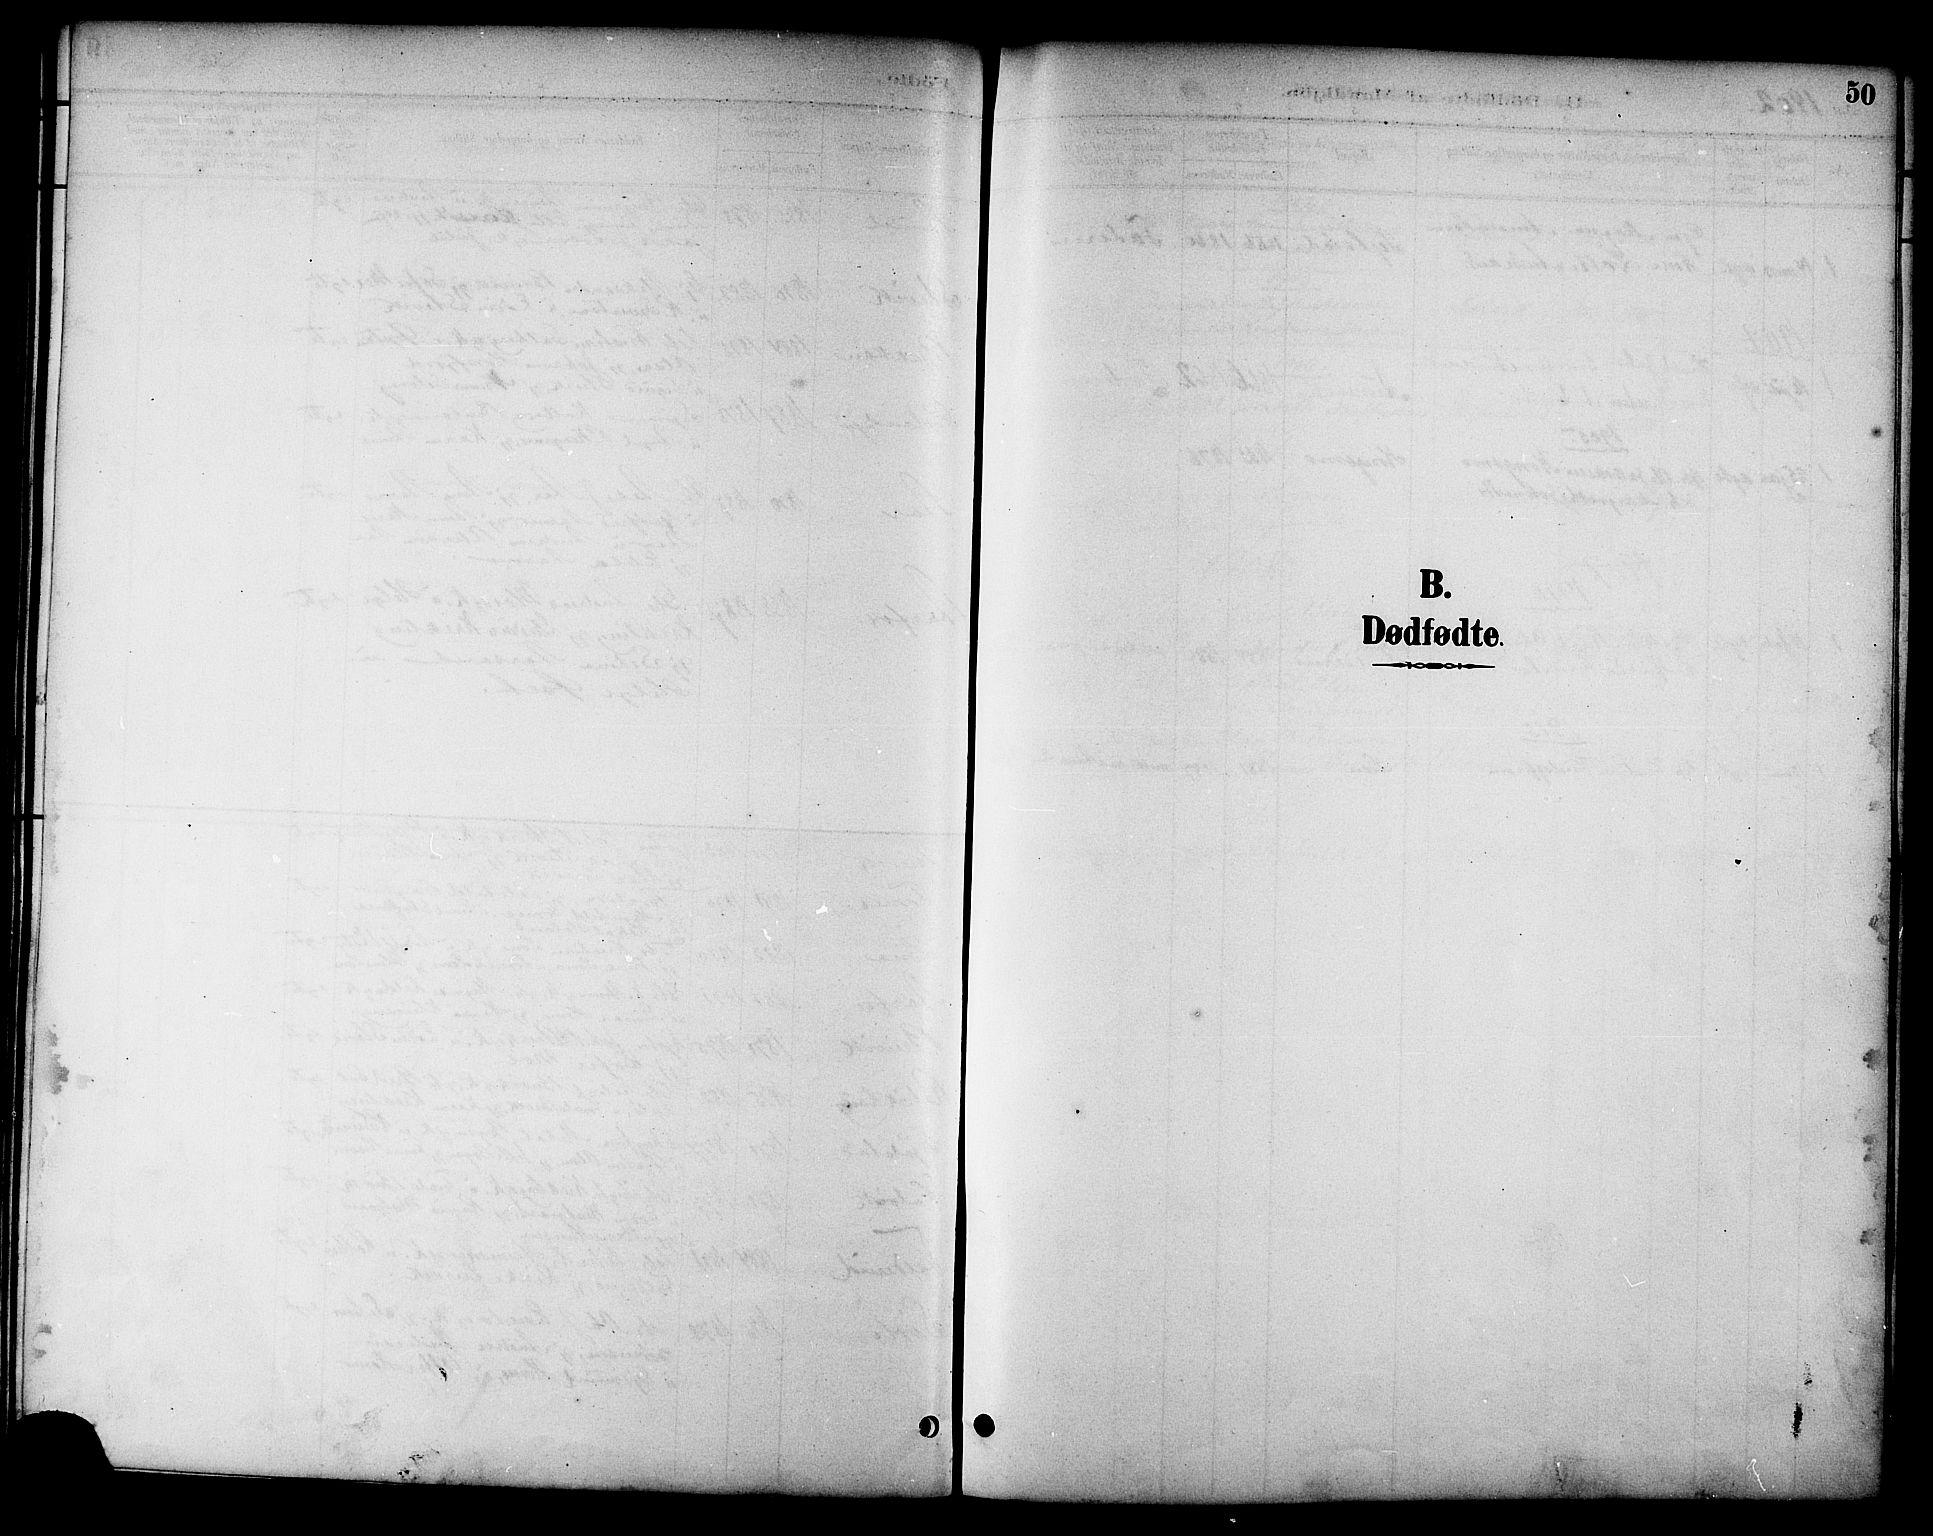 SAT, Ministerialprotokoller, klokkerbøker og fødselsregistre - Nord-Trøndelag, 783/L0662: Klokkerbok nr. 783C02, 1894-1919, s. 50